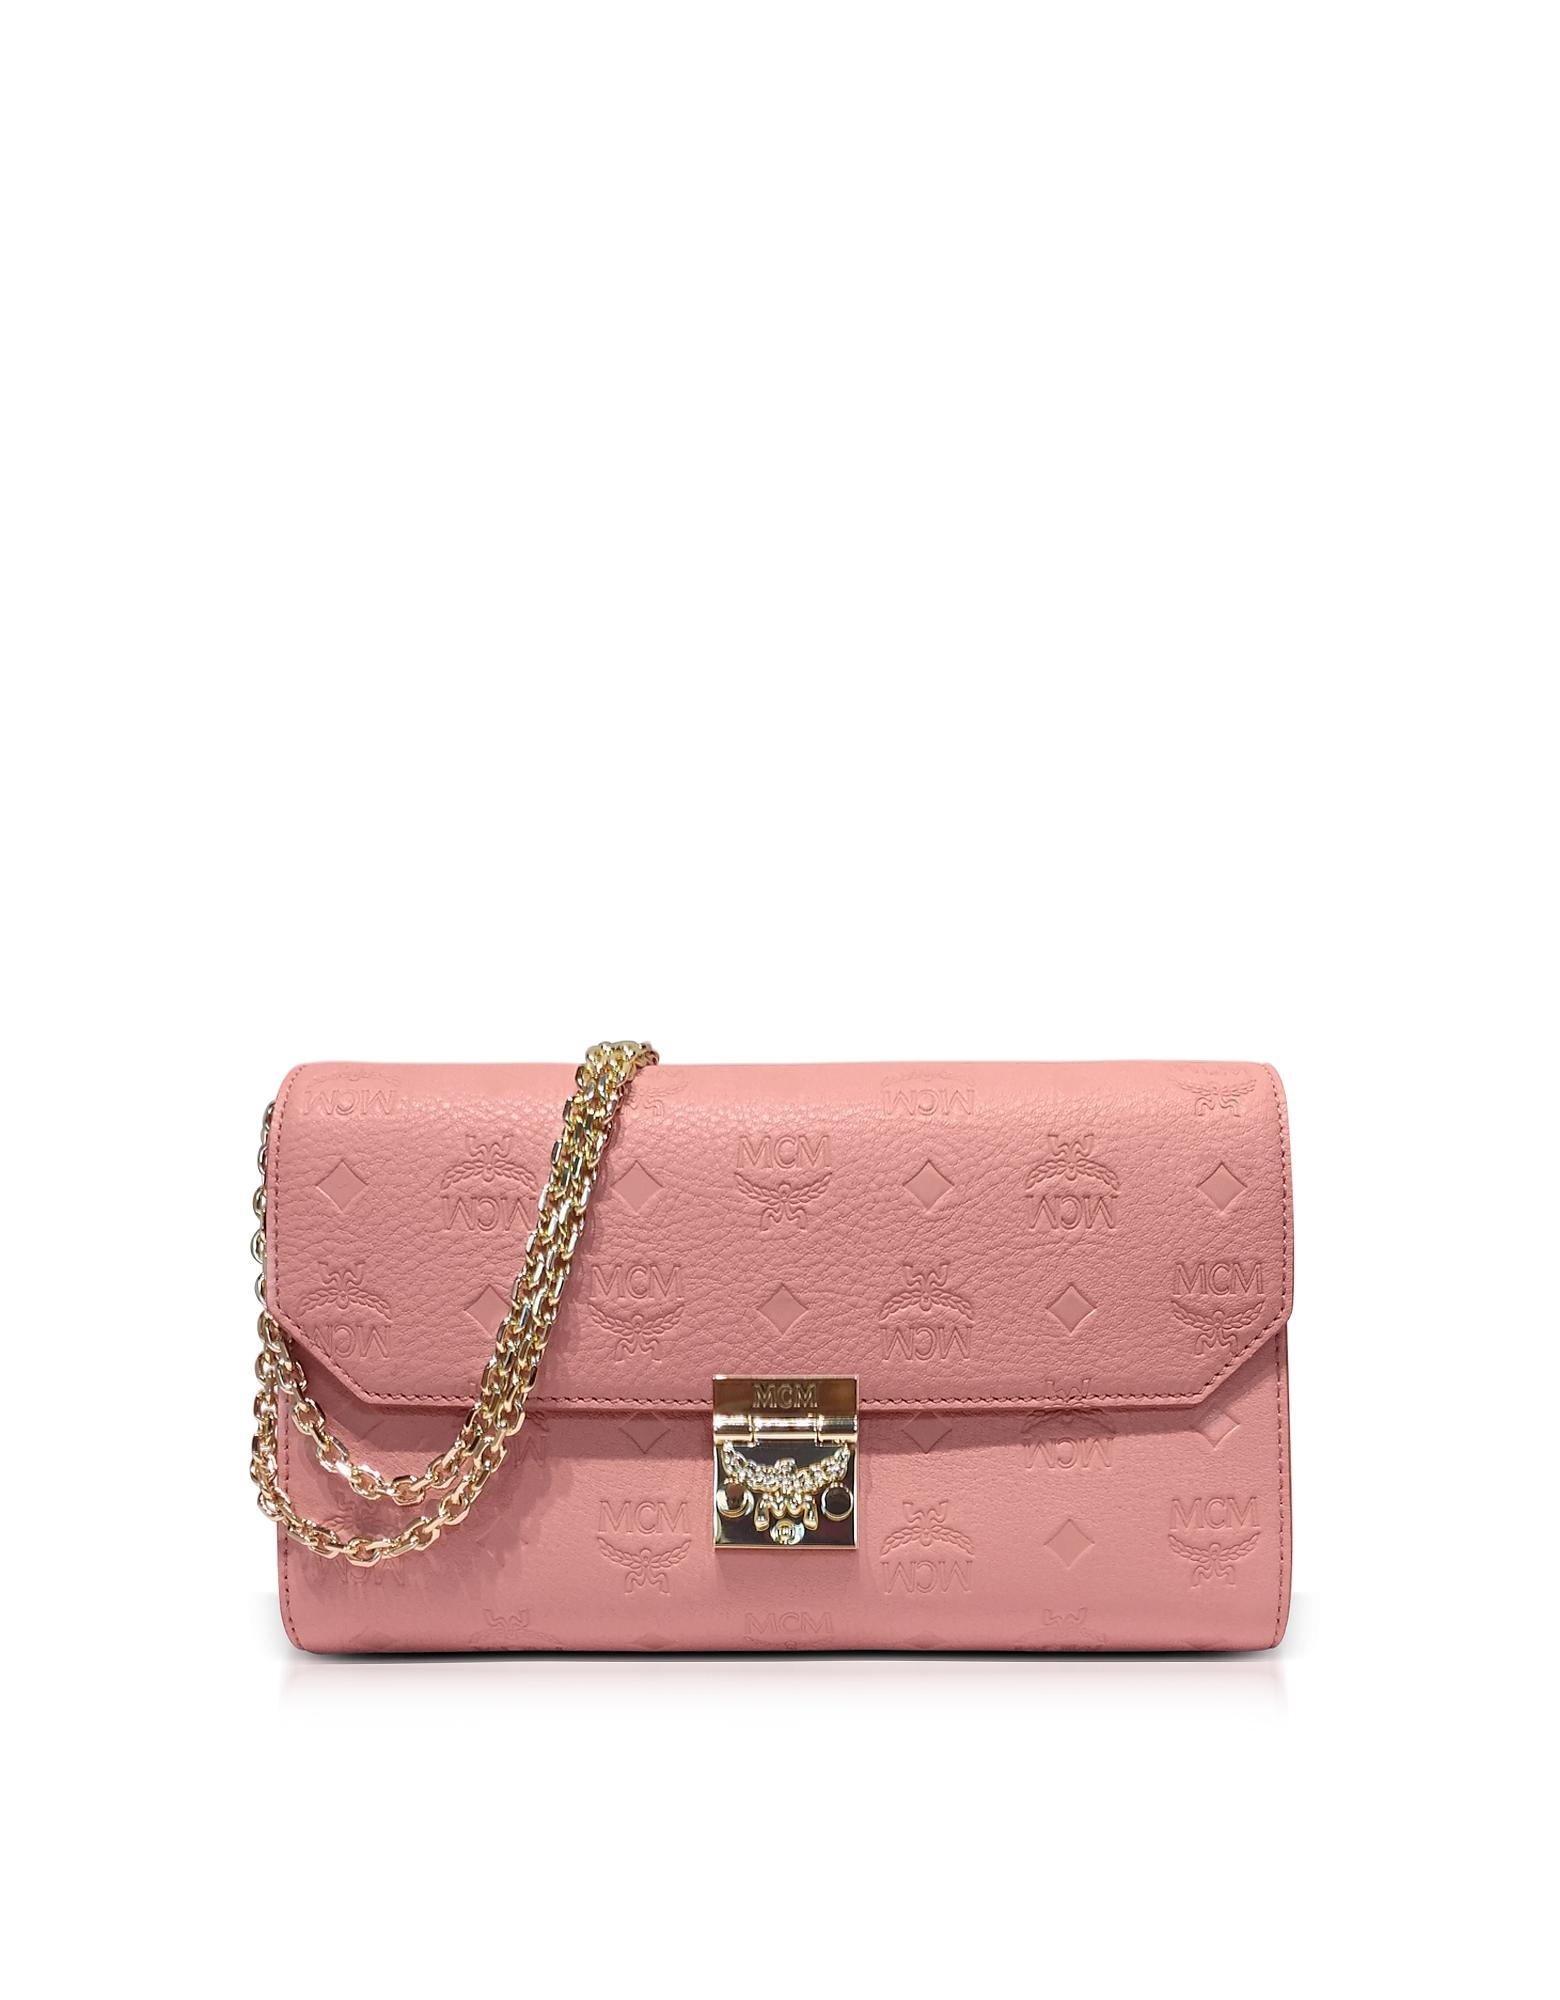 Фото Millie - Светло-розовая Сумка Через Плечо Среднего Размера из Кожи с Монограммами. Купить с доставкой